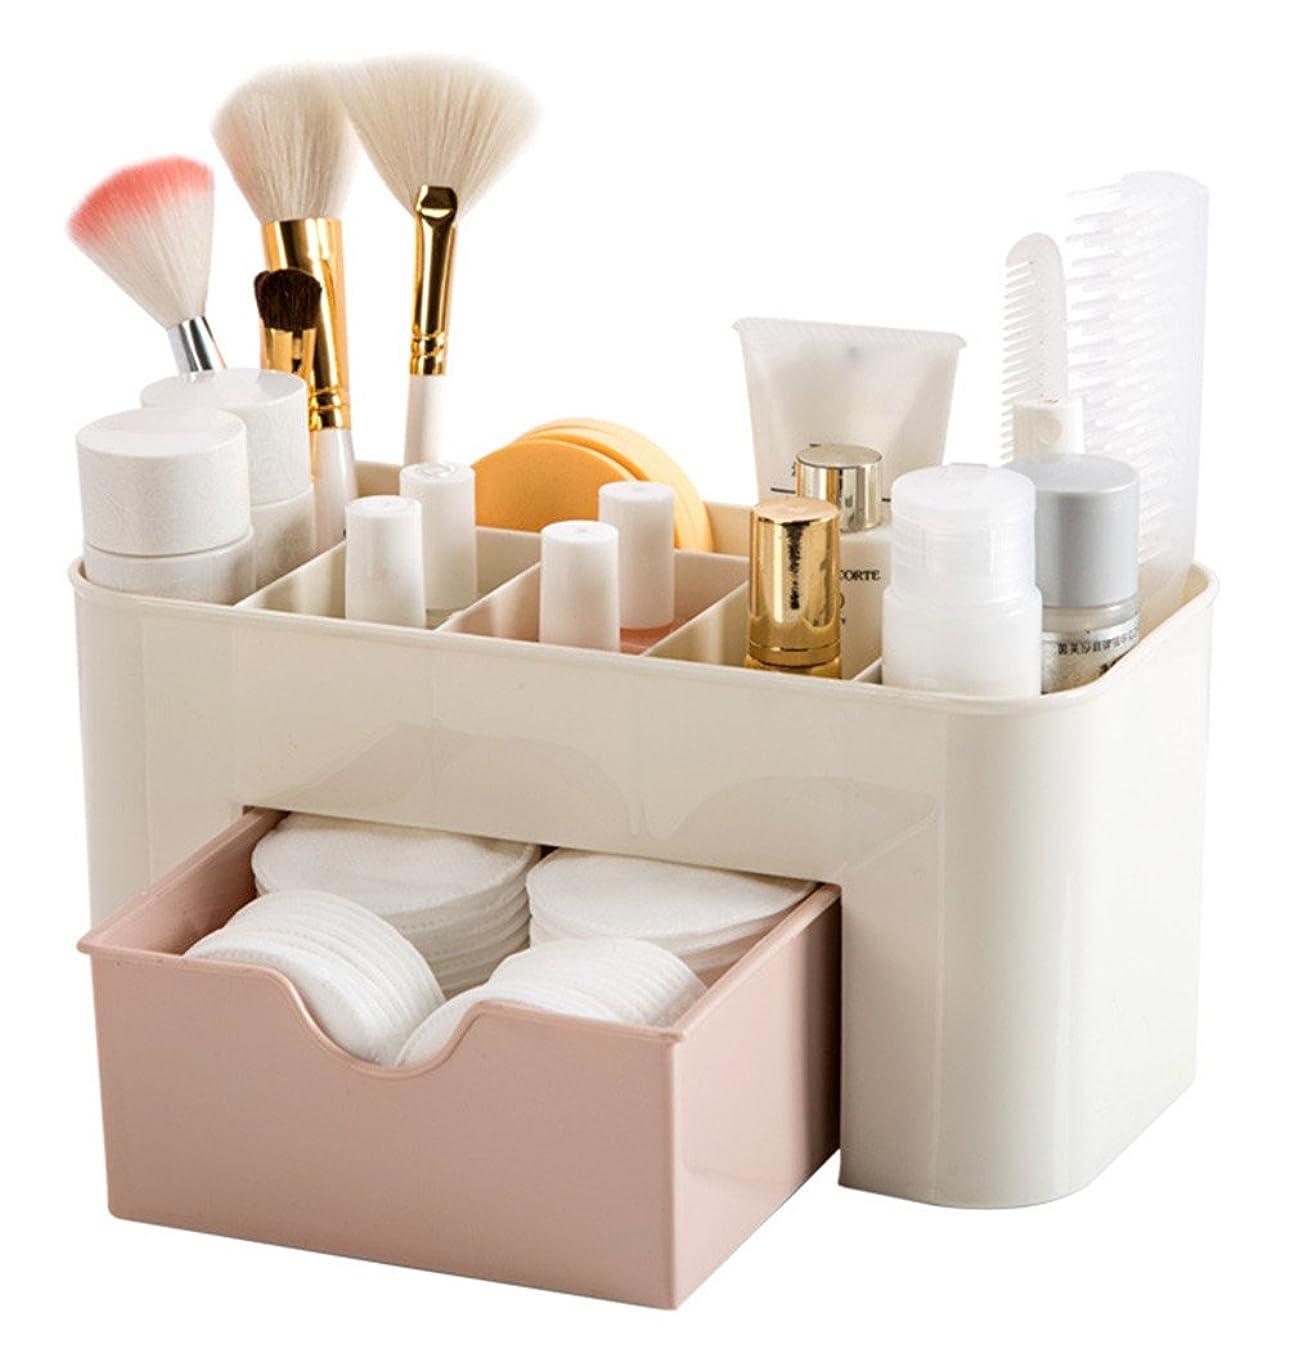 援助する以内に一月ZUOMA メークボックス 化粧品収納ボックス コスメスタンド 引き出し式 メークケース 小物/化粧品入れ コスメ収納 透明アクリル 大容量 (ピンク、22*10*10.3CM)